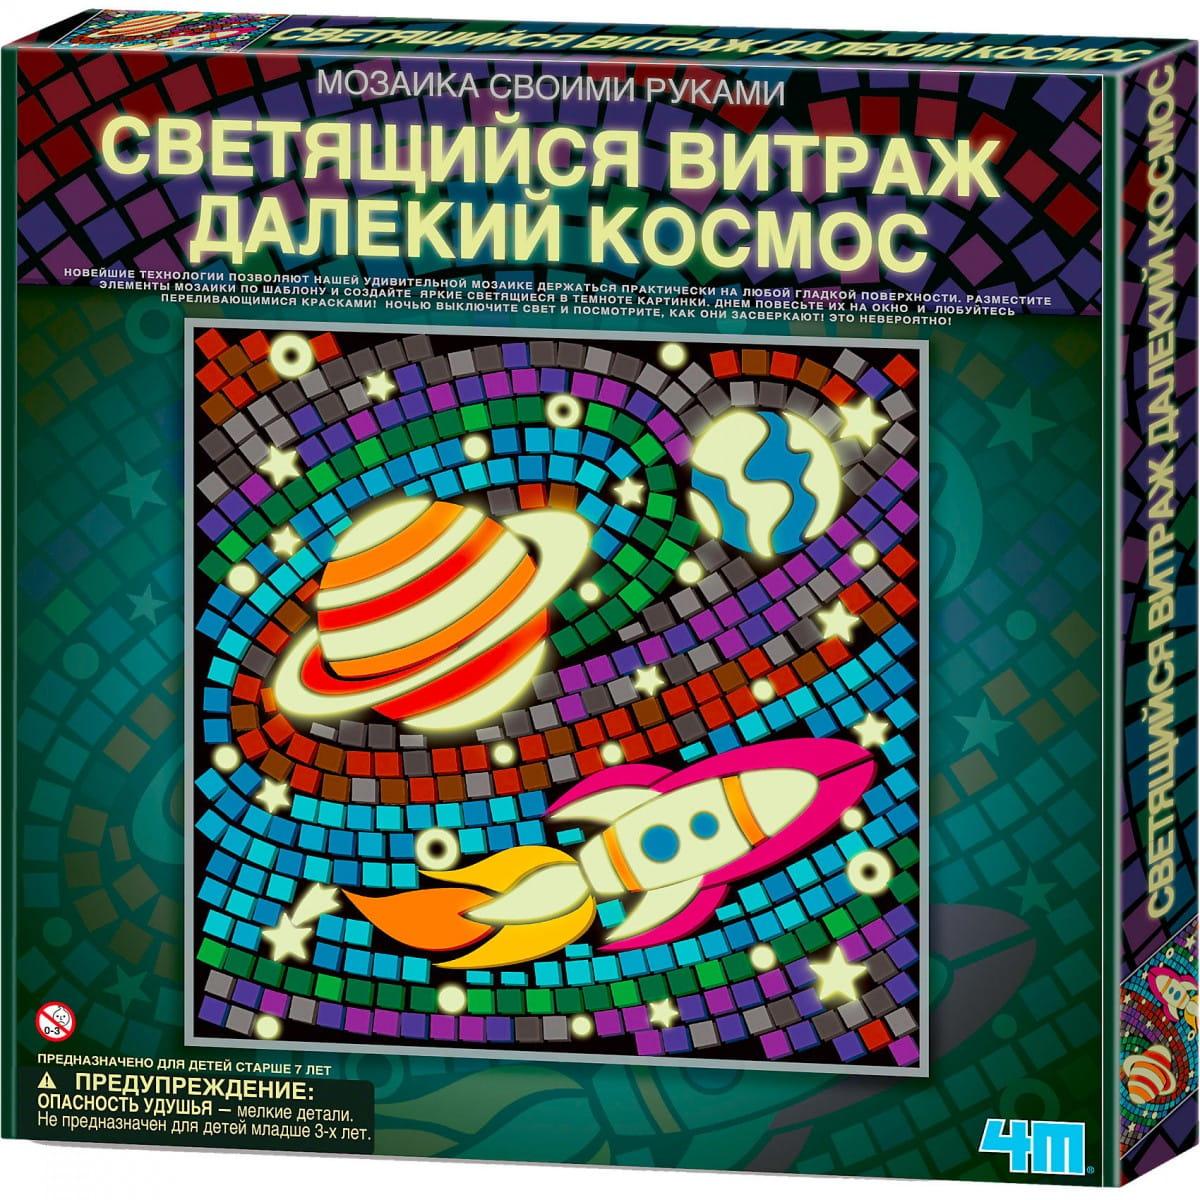 Светящийся витраж 4M 00-04649 Далекий космос